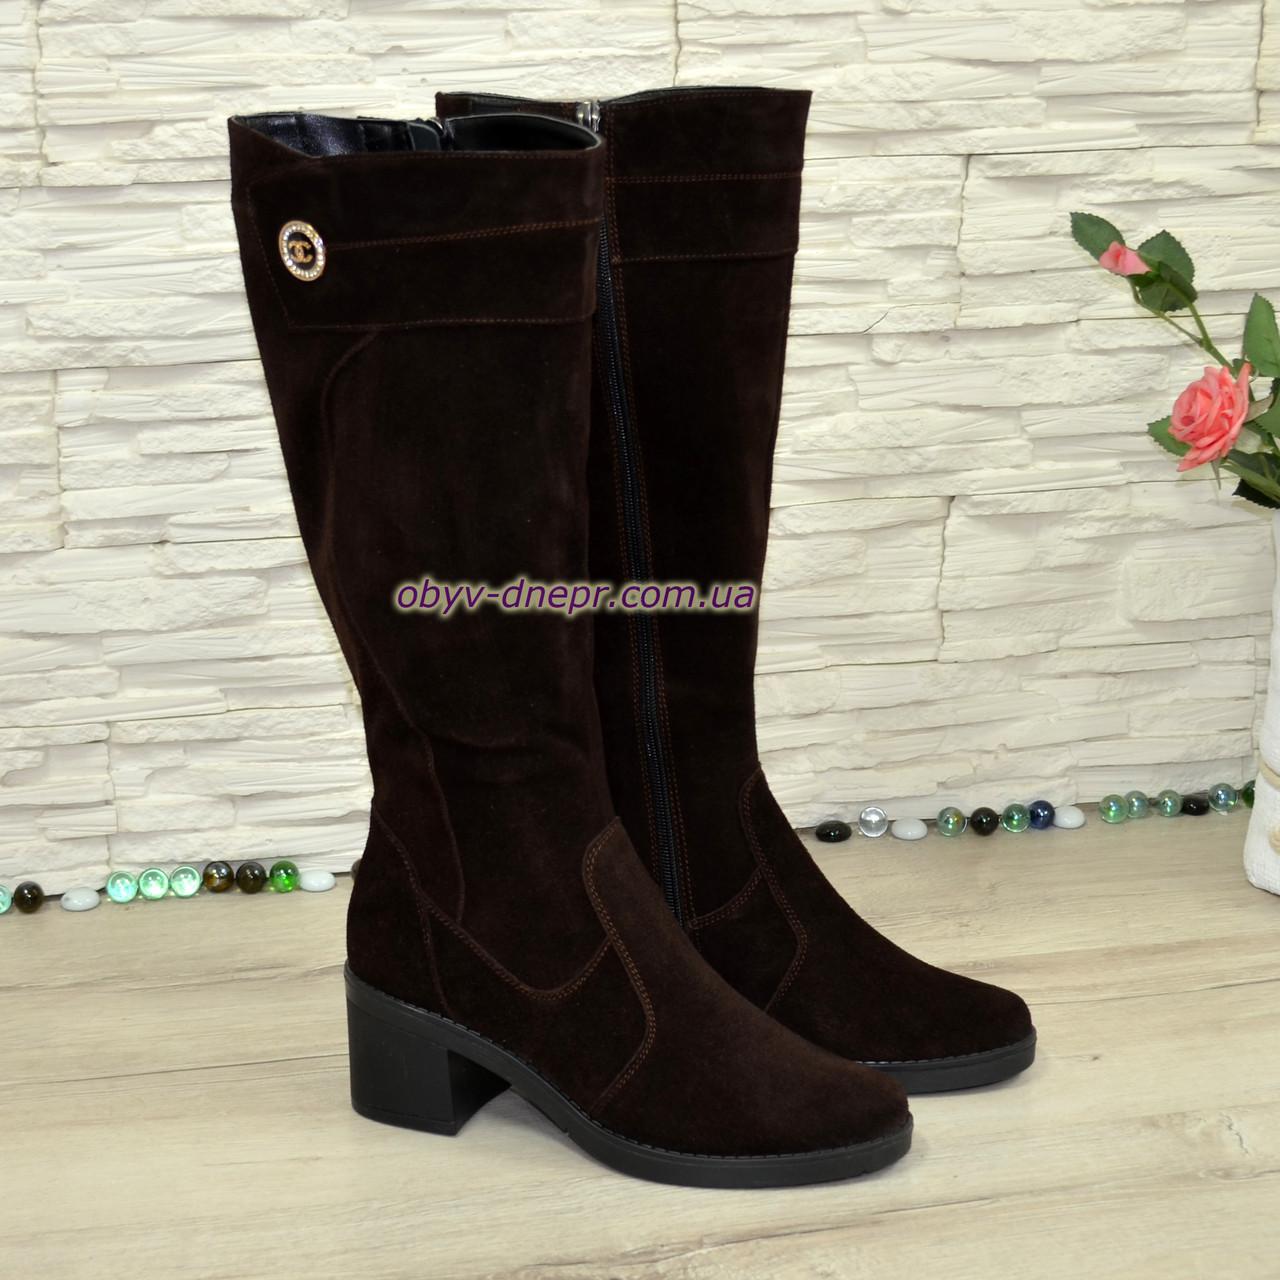 Женские зимние замшевые сапоги на устойчивом каблуке, цвет коричневый